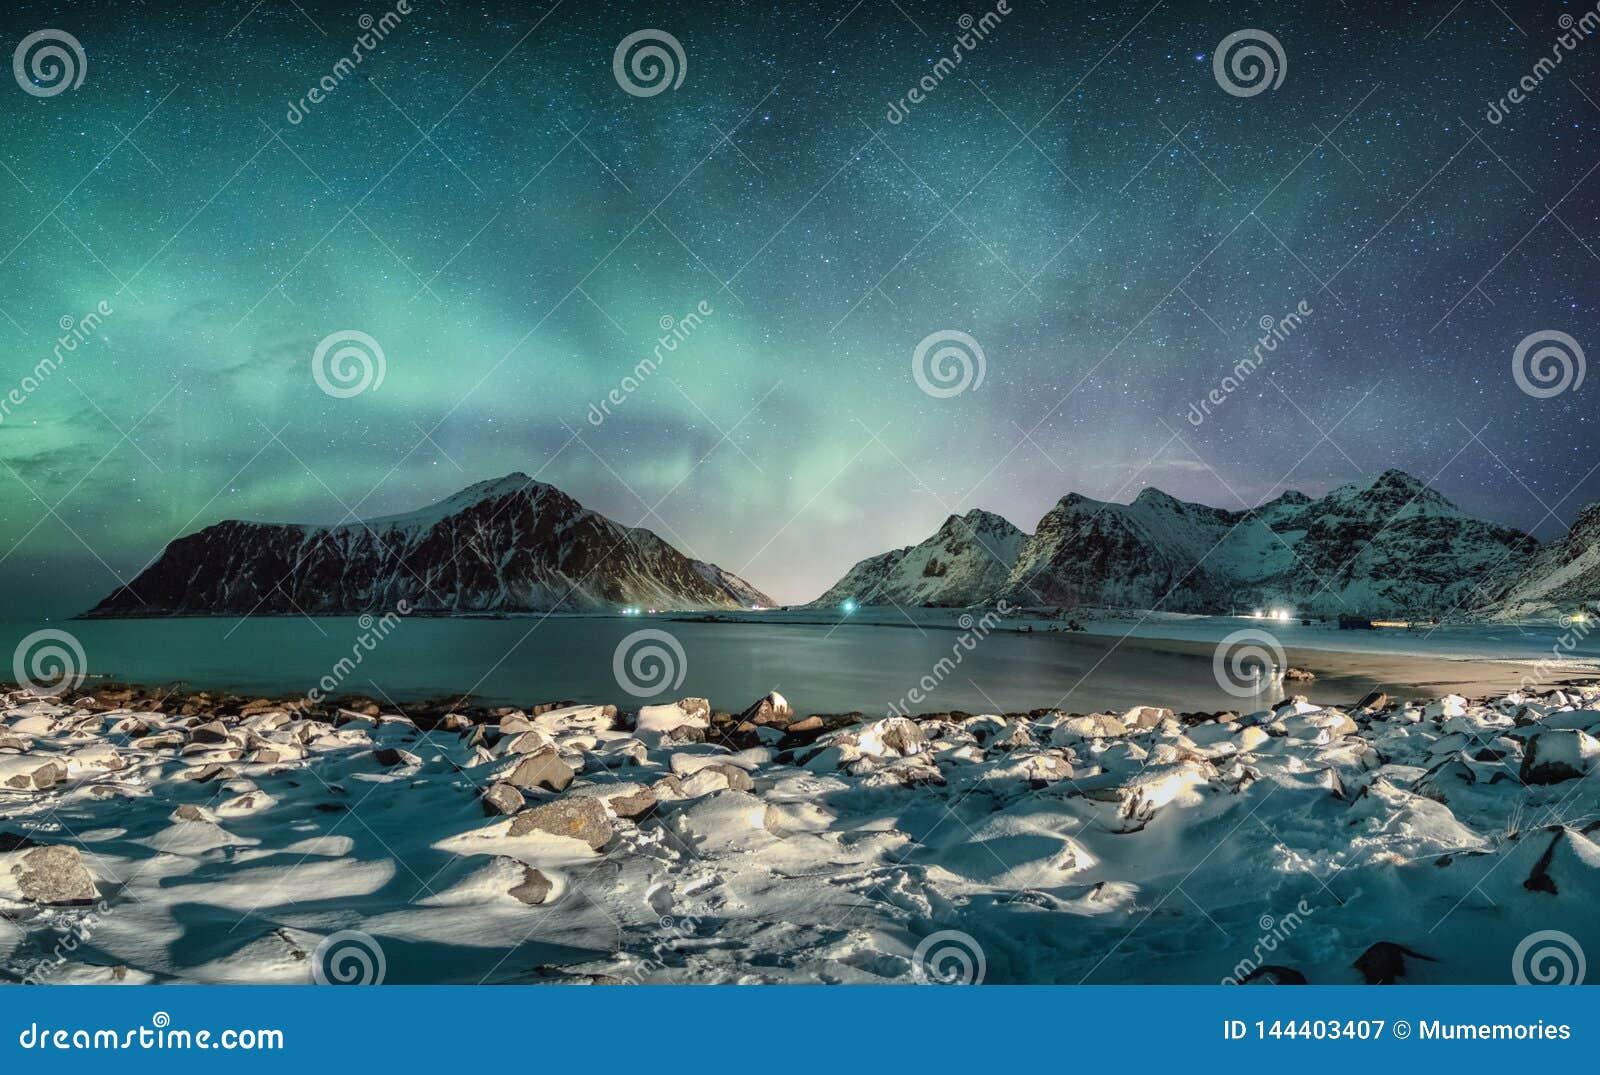 Aurora borealis met sterren over bergketen met sneeuwkustlijn bij Skagsanden-strand